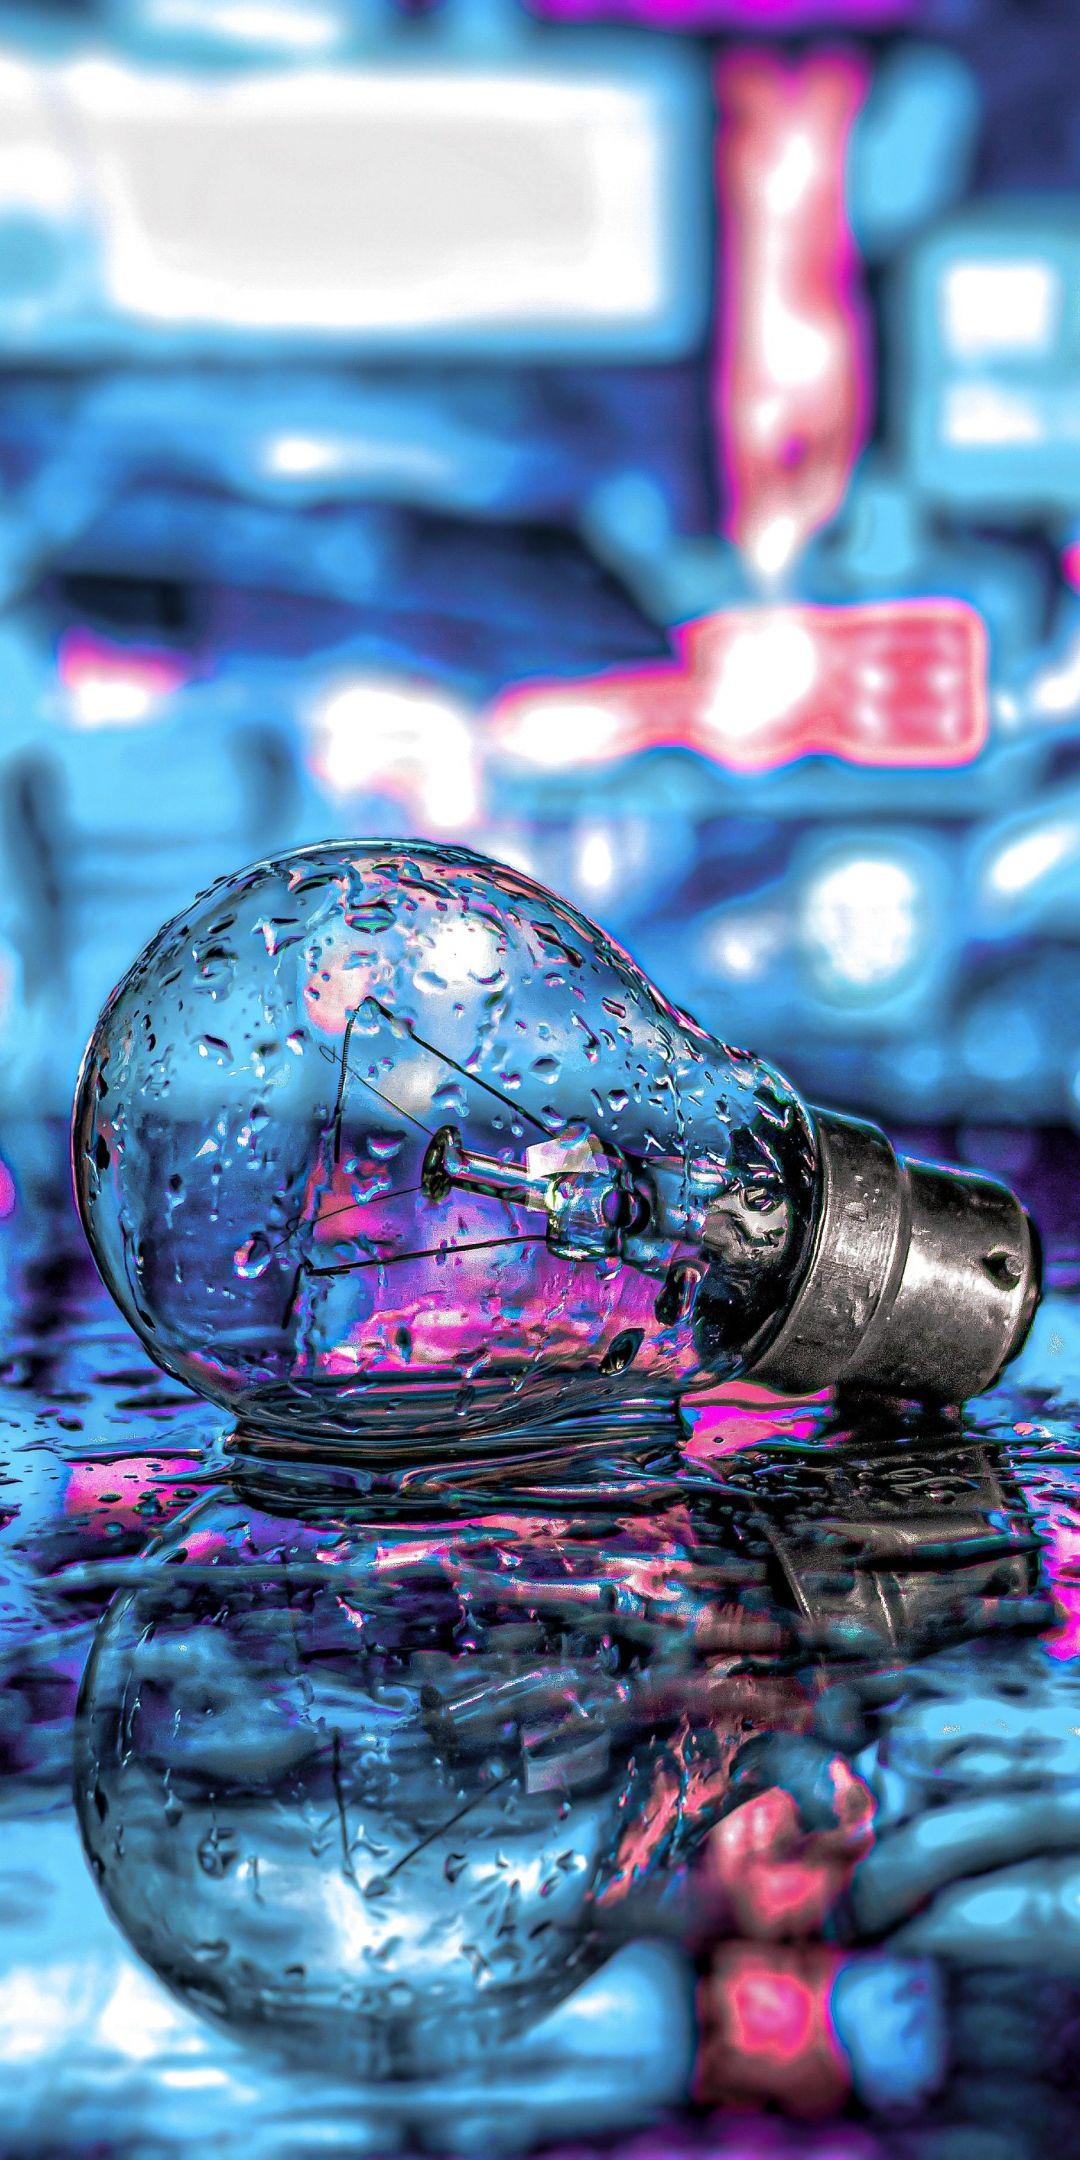 Bulb, drops, neon, 1080x2160 wallpaper